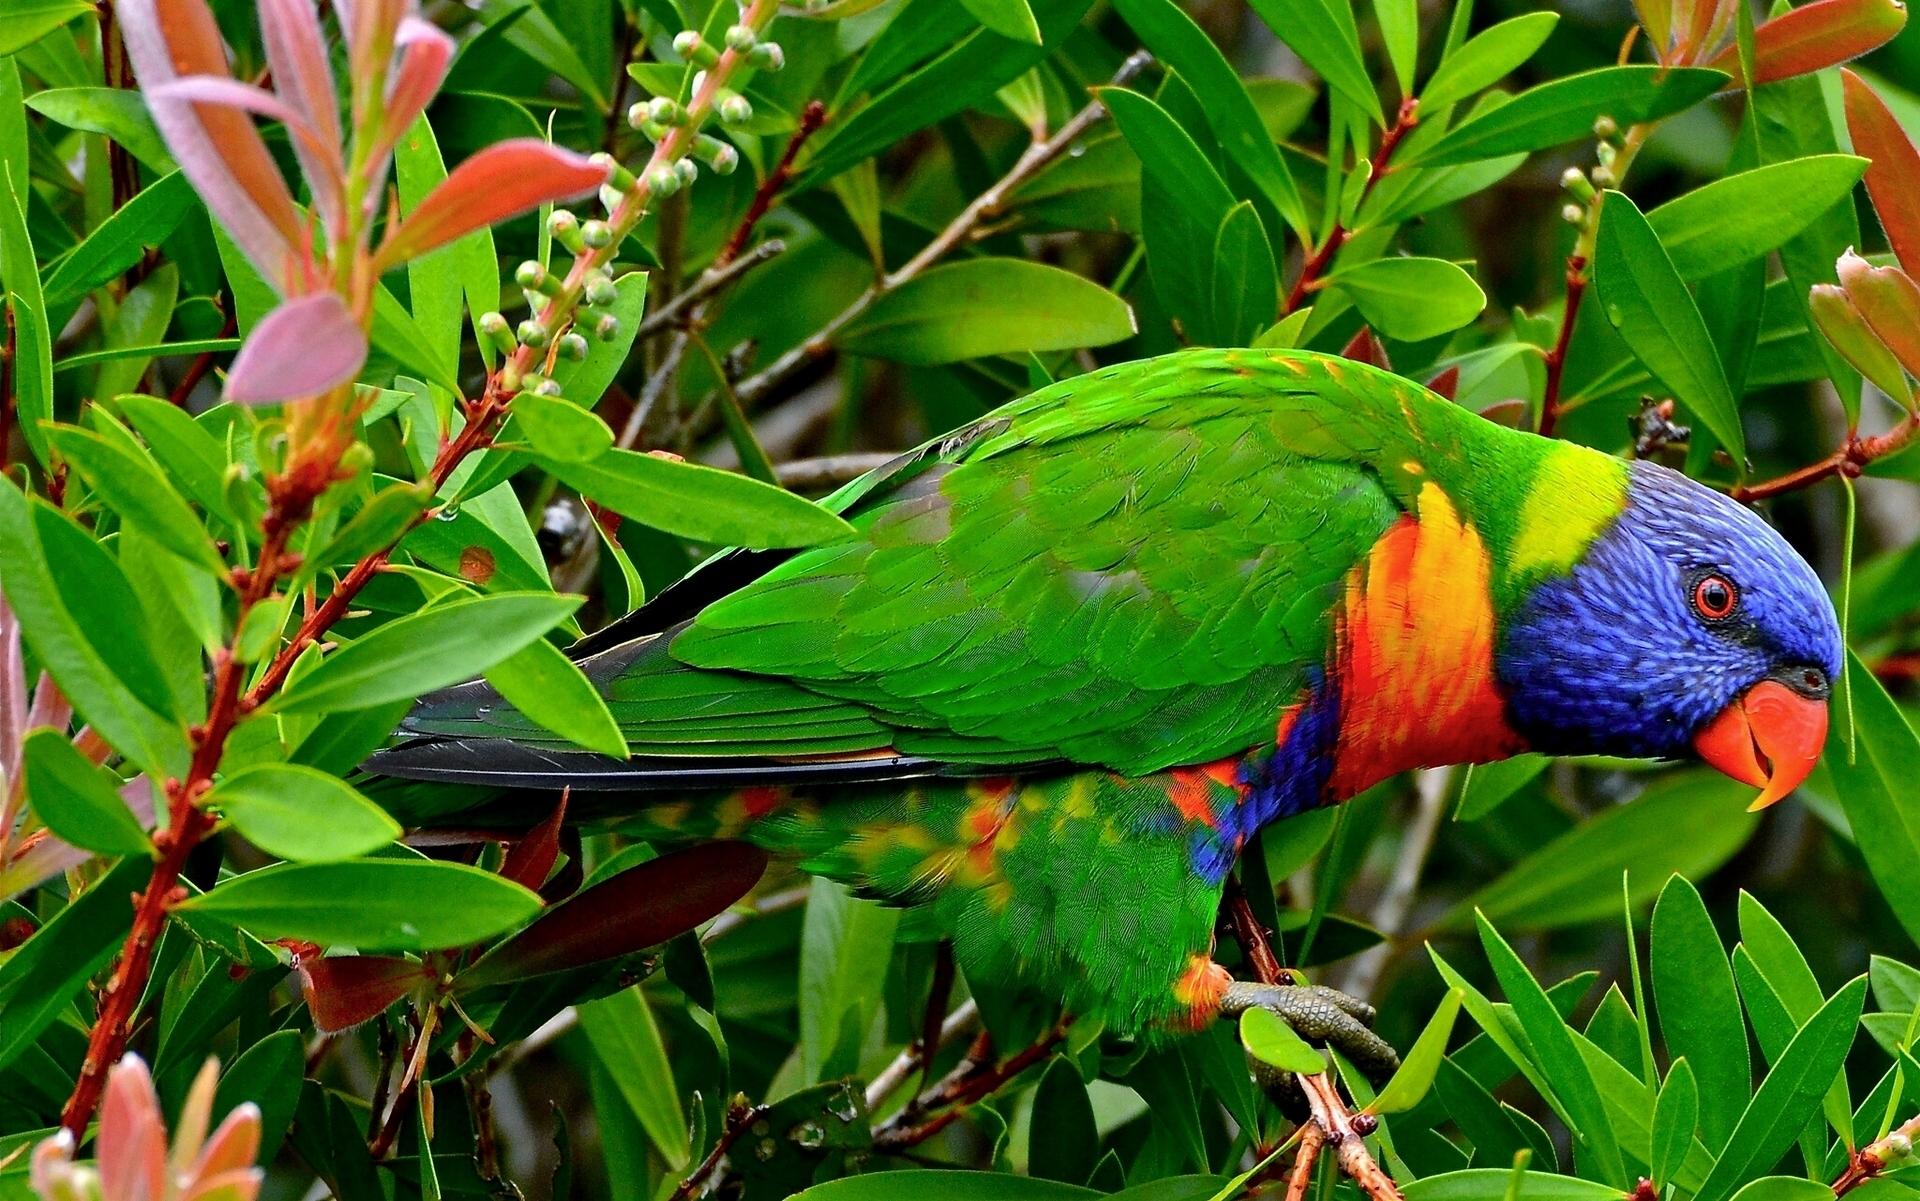 природа животные птицы попугаи  № 103566 загрузить